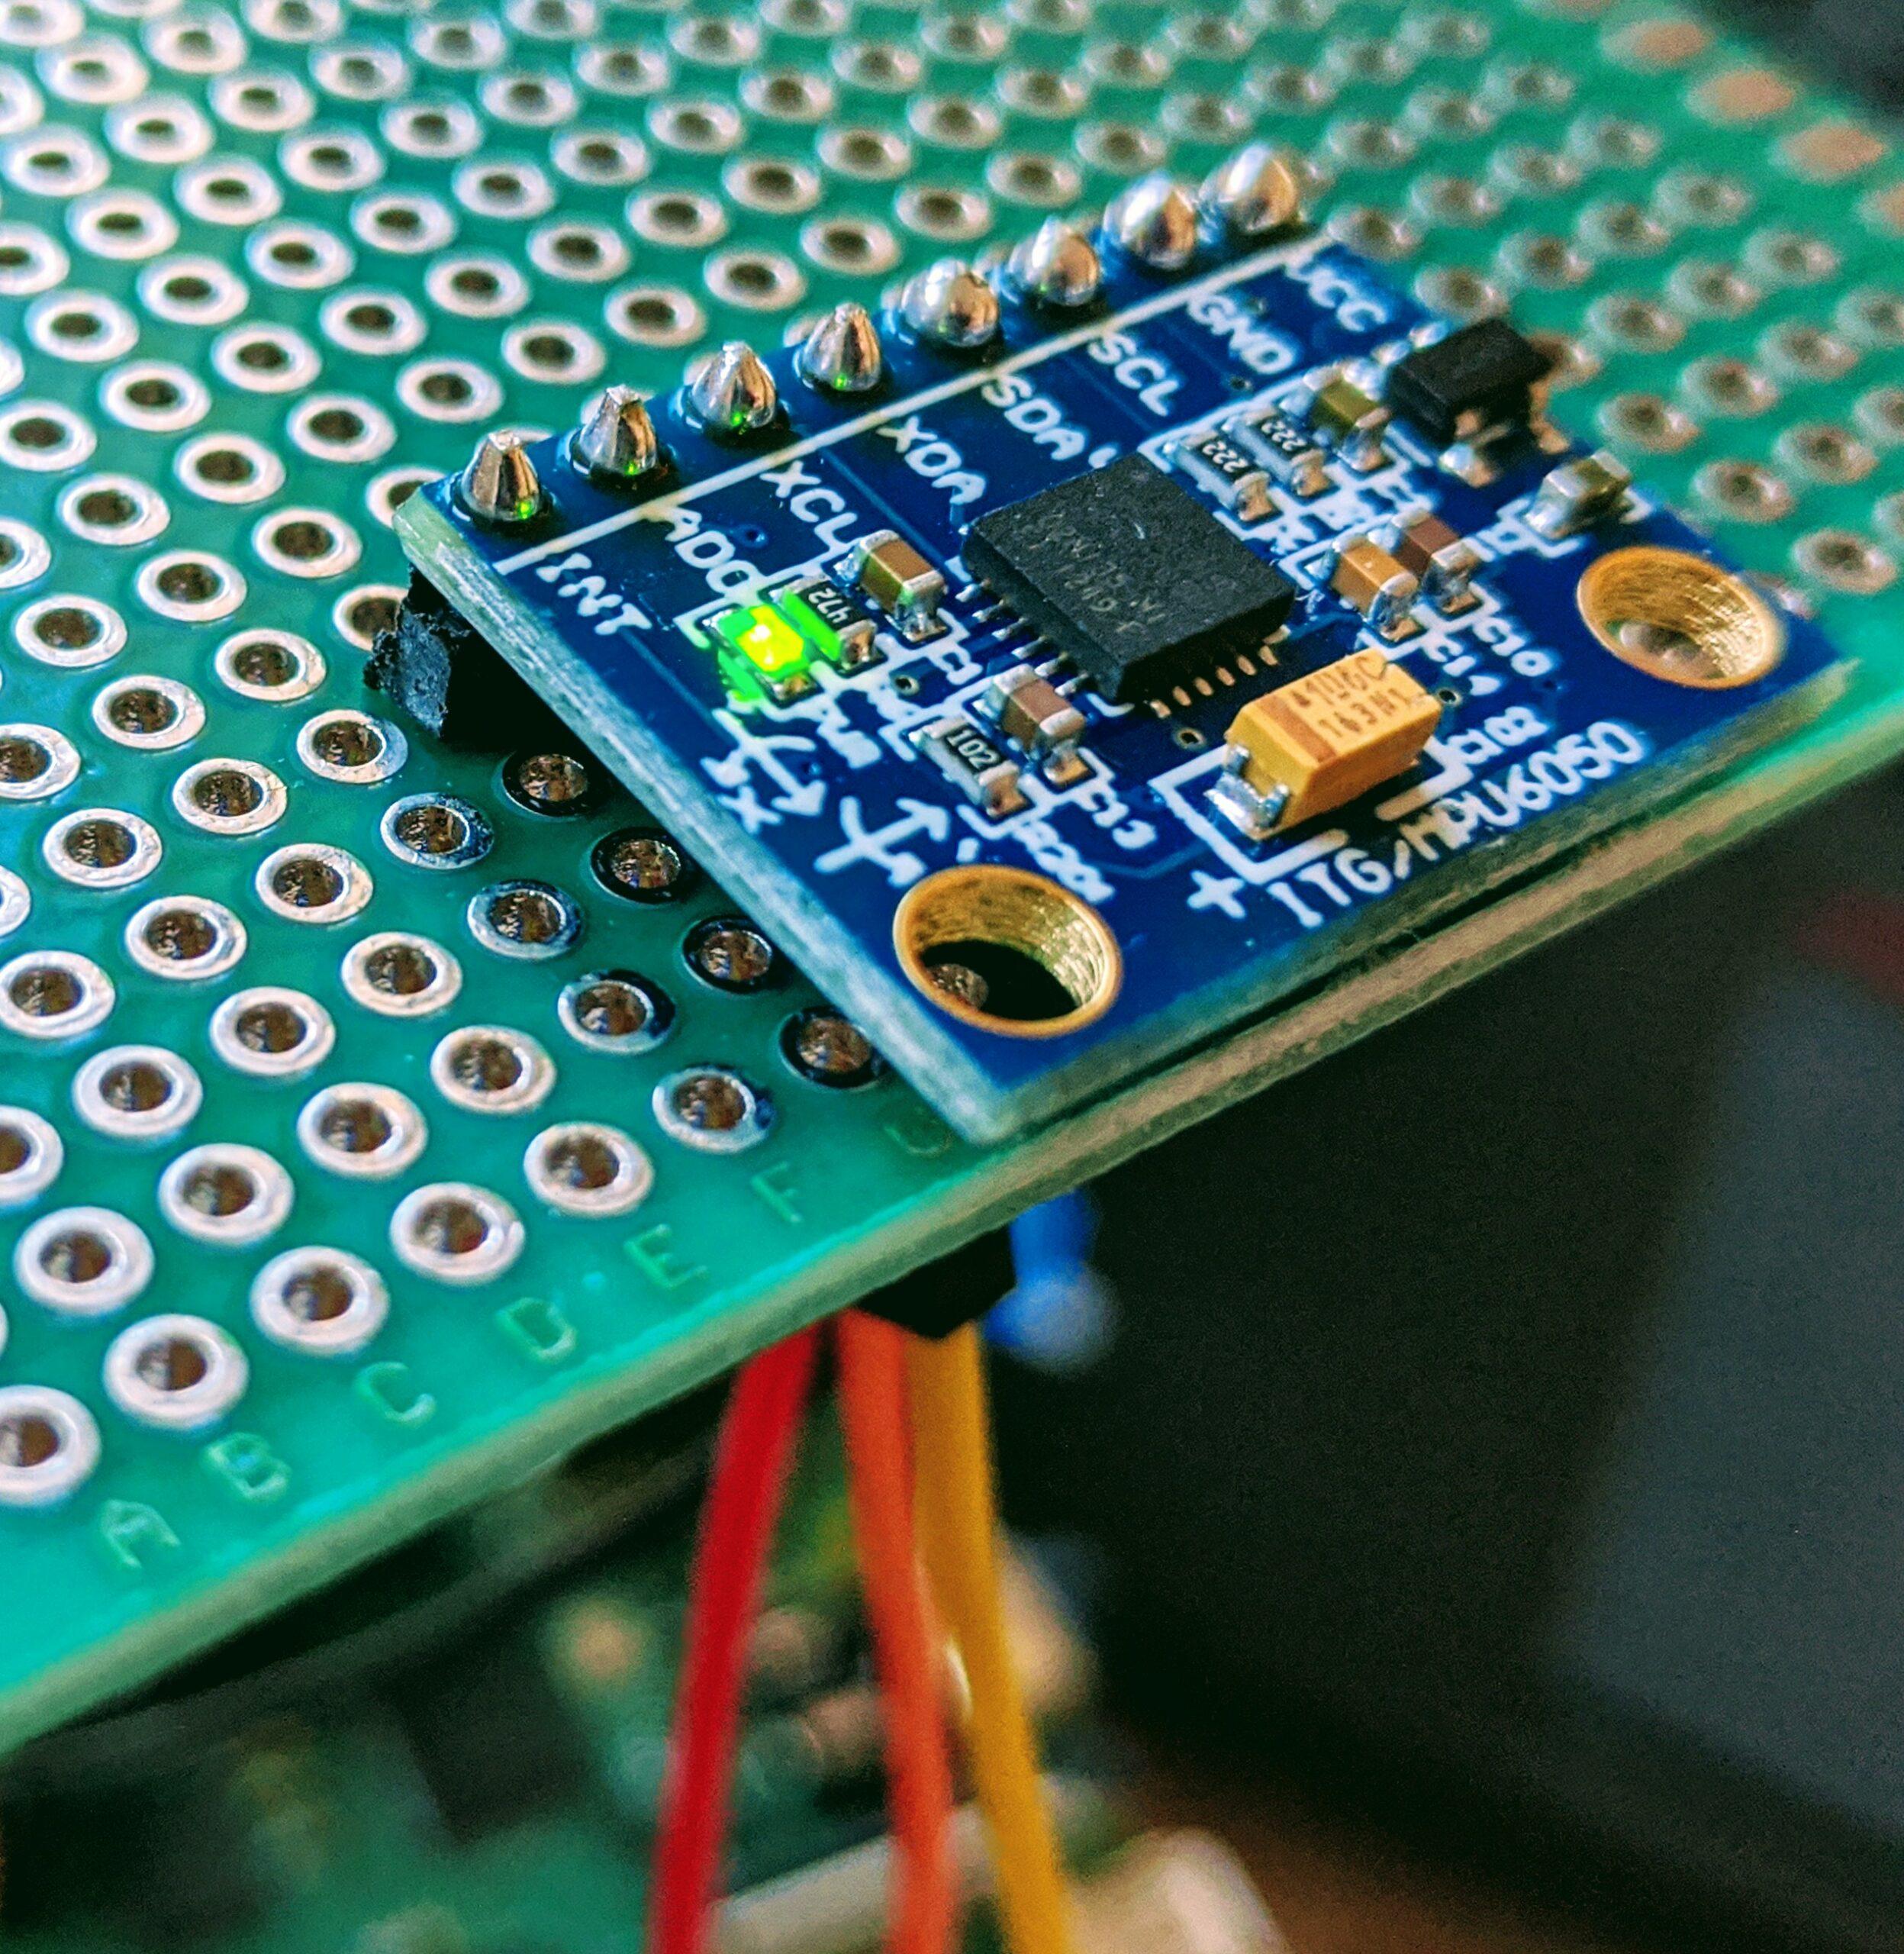 MPU-6050 connecté via i2c